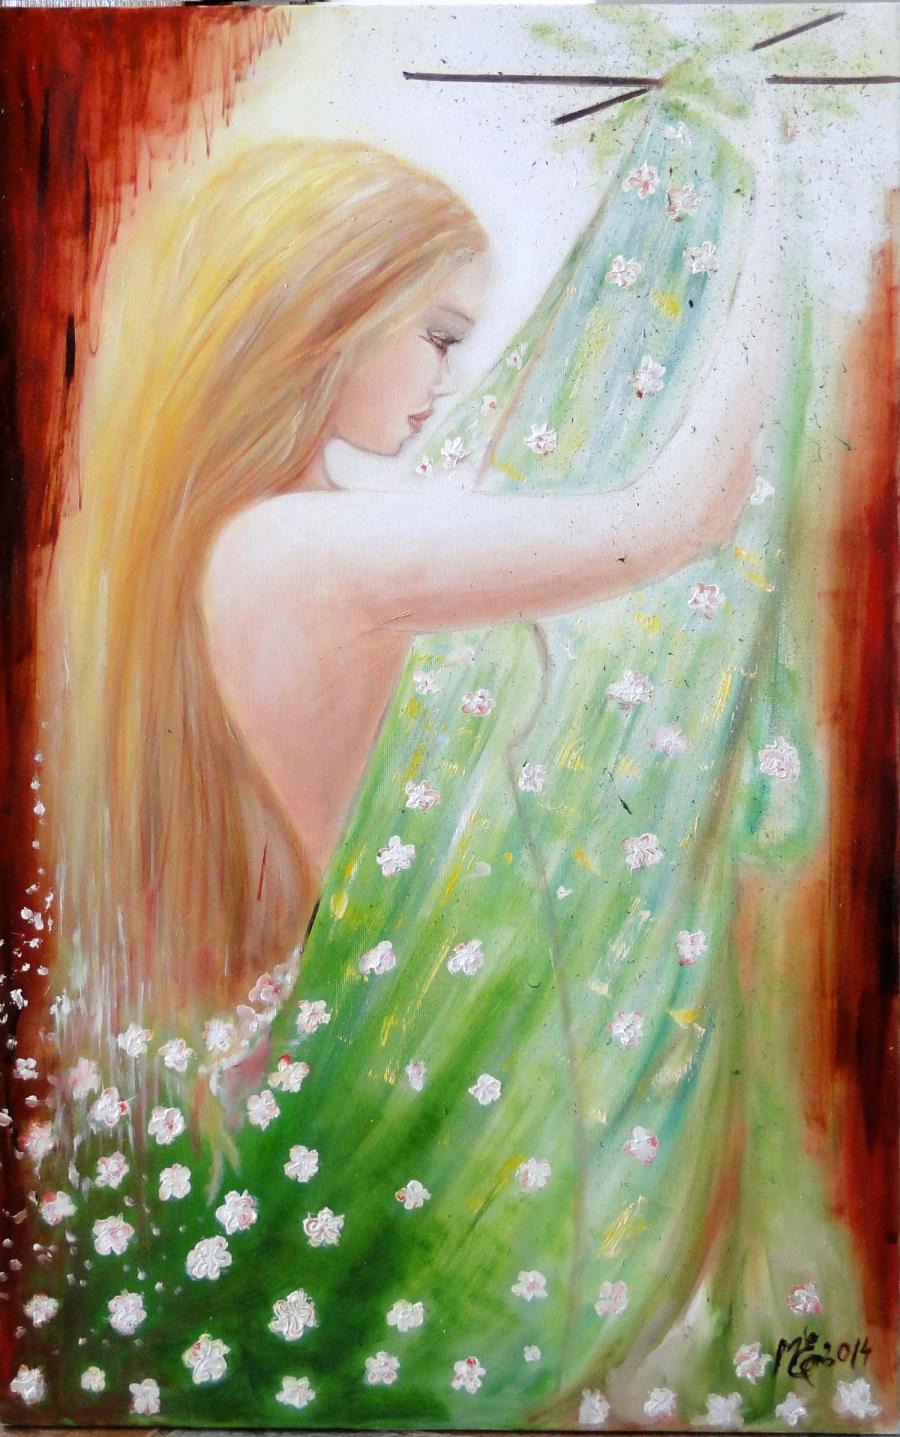 Picturi cu potrete/nuduri light and colors -blond